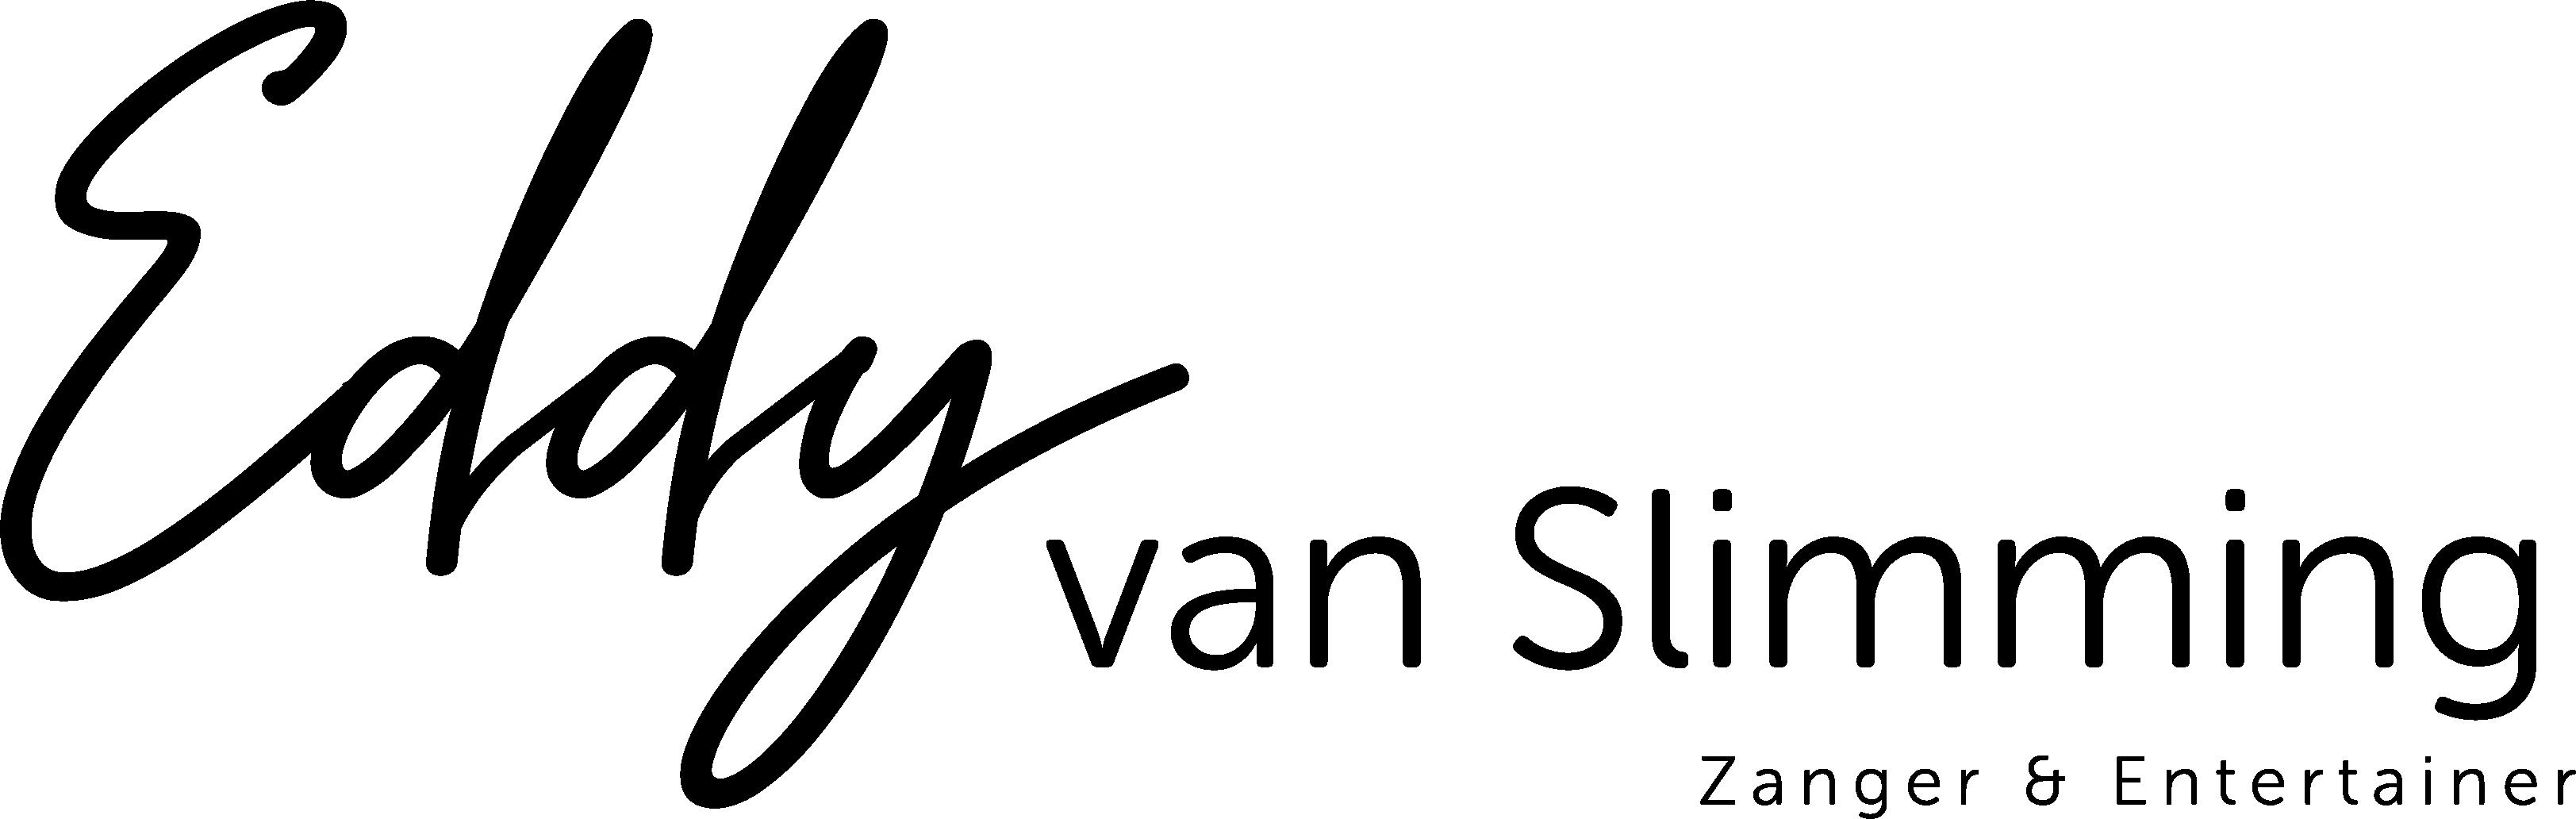 eddyvanslimming-logo zwart